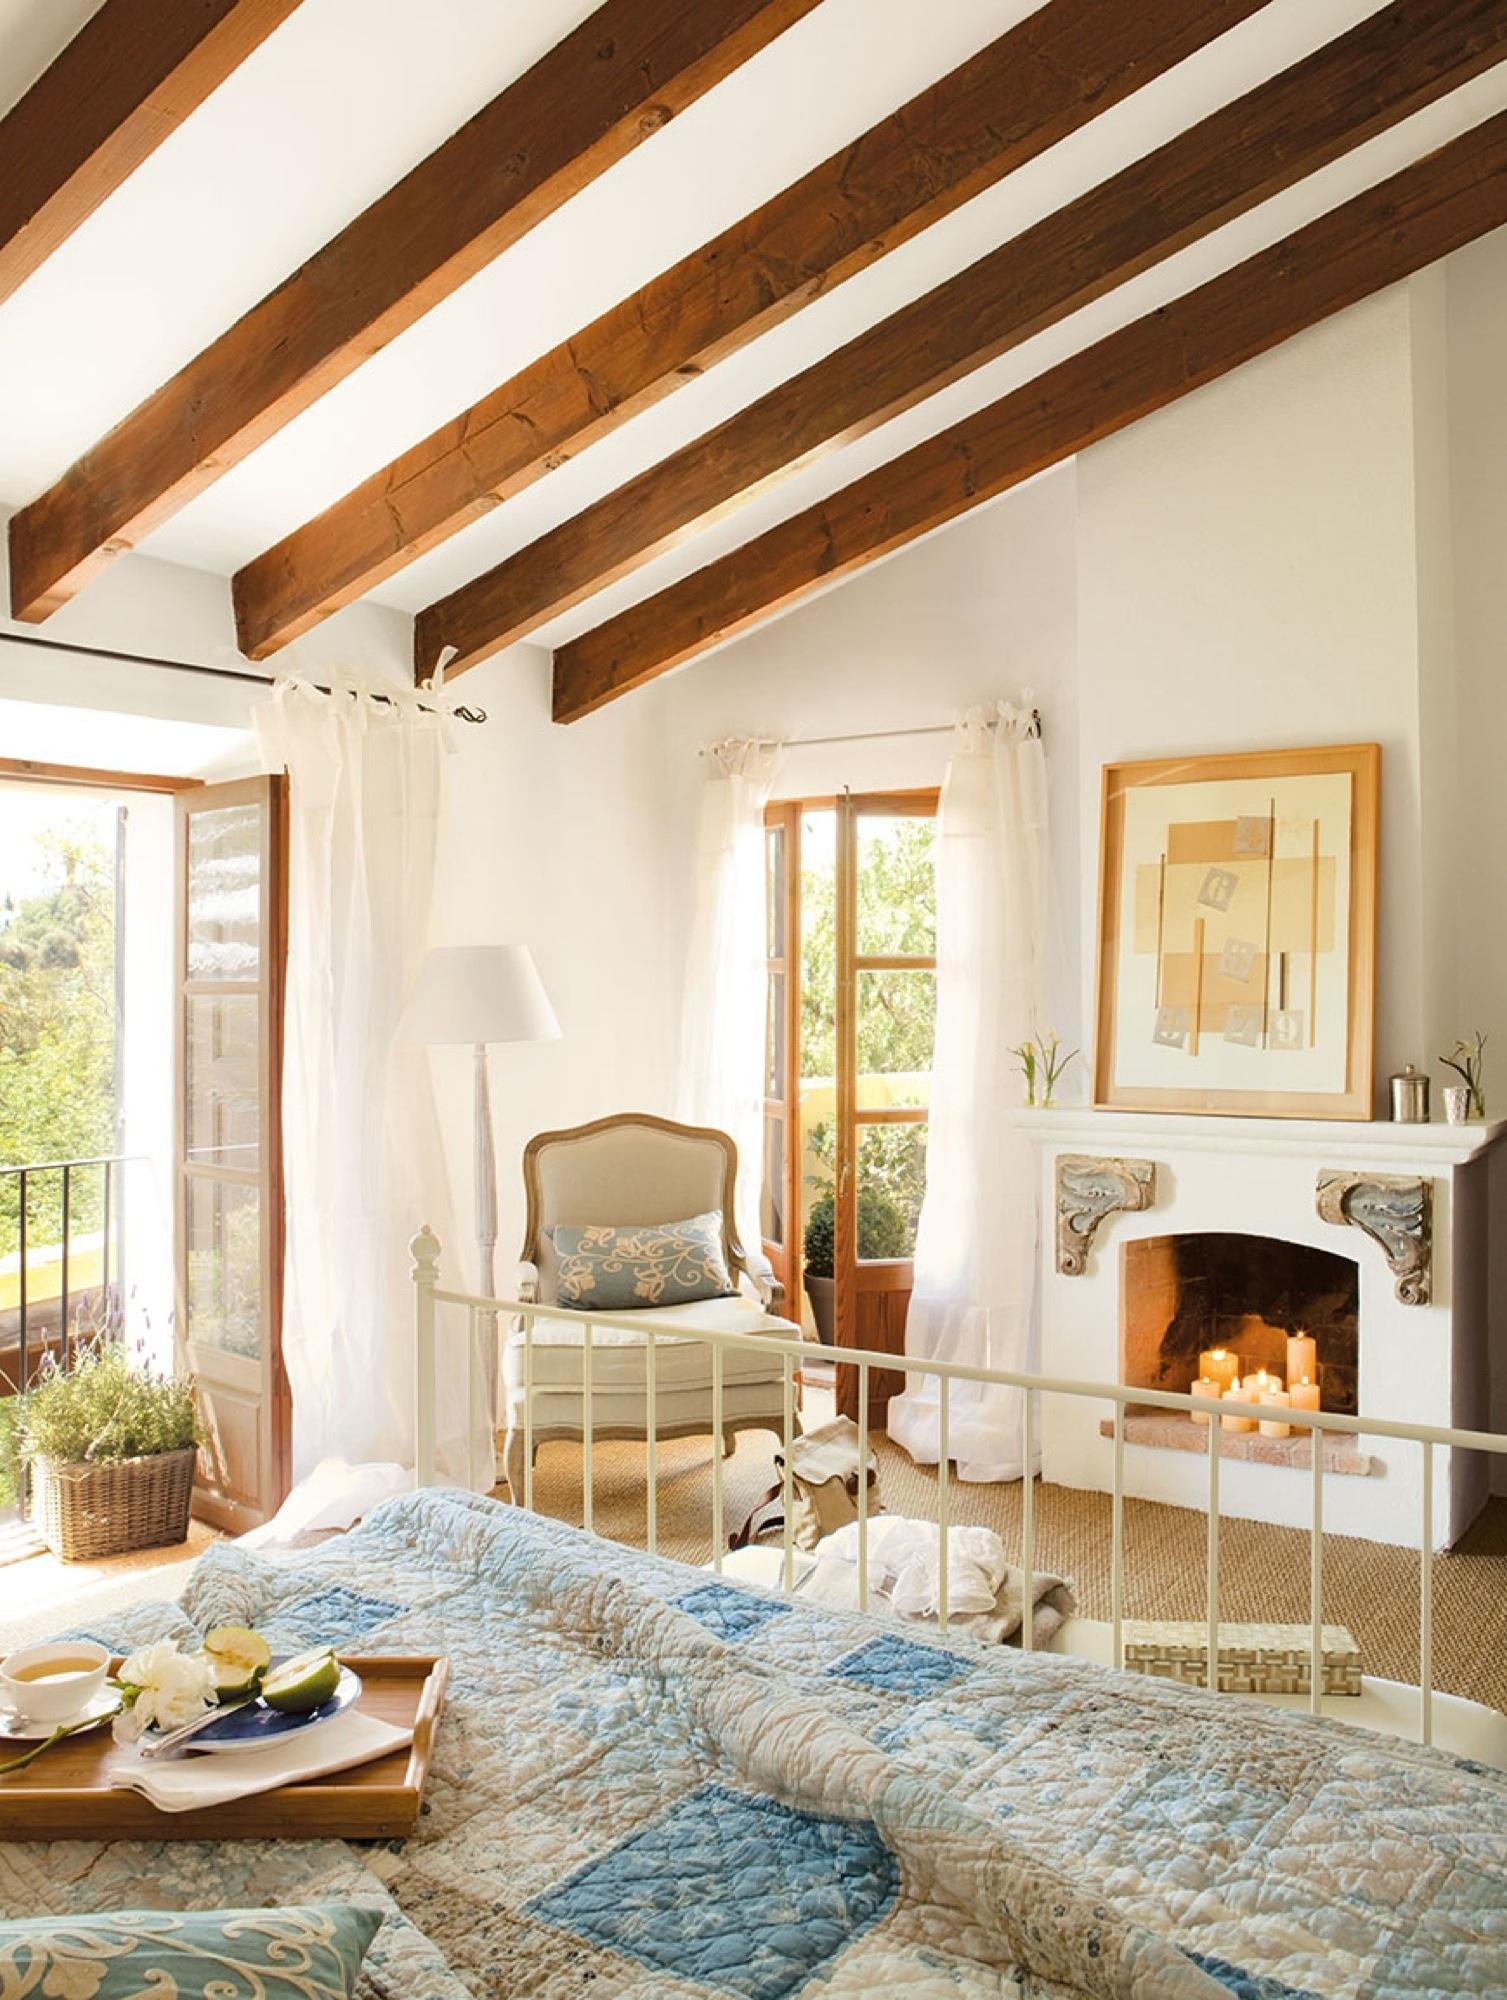 Dormitorios r sticos con mucho encanto - Casas decoradas con ikea ...